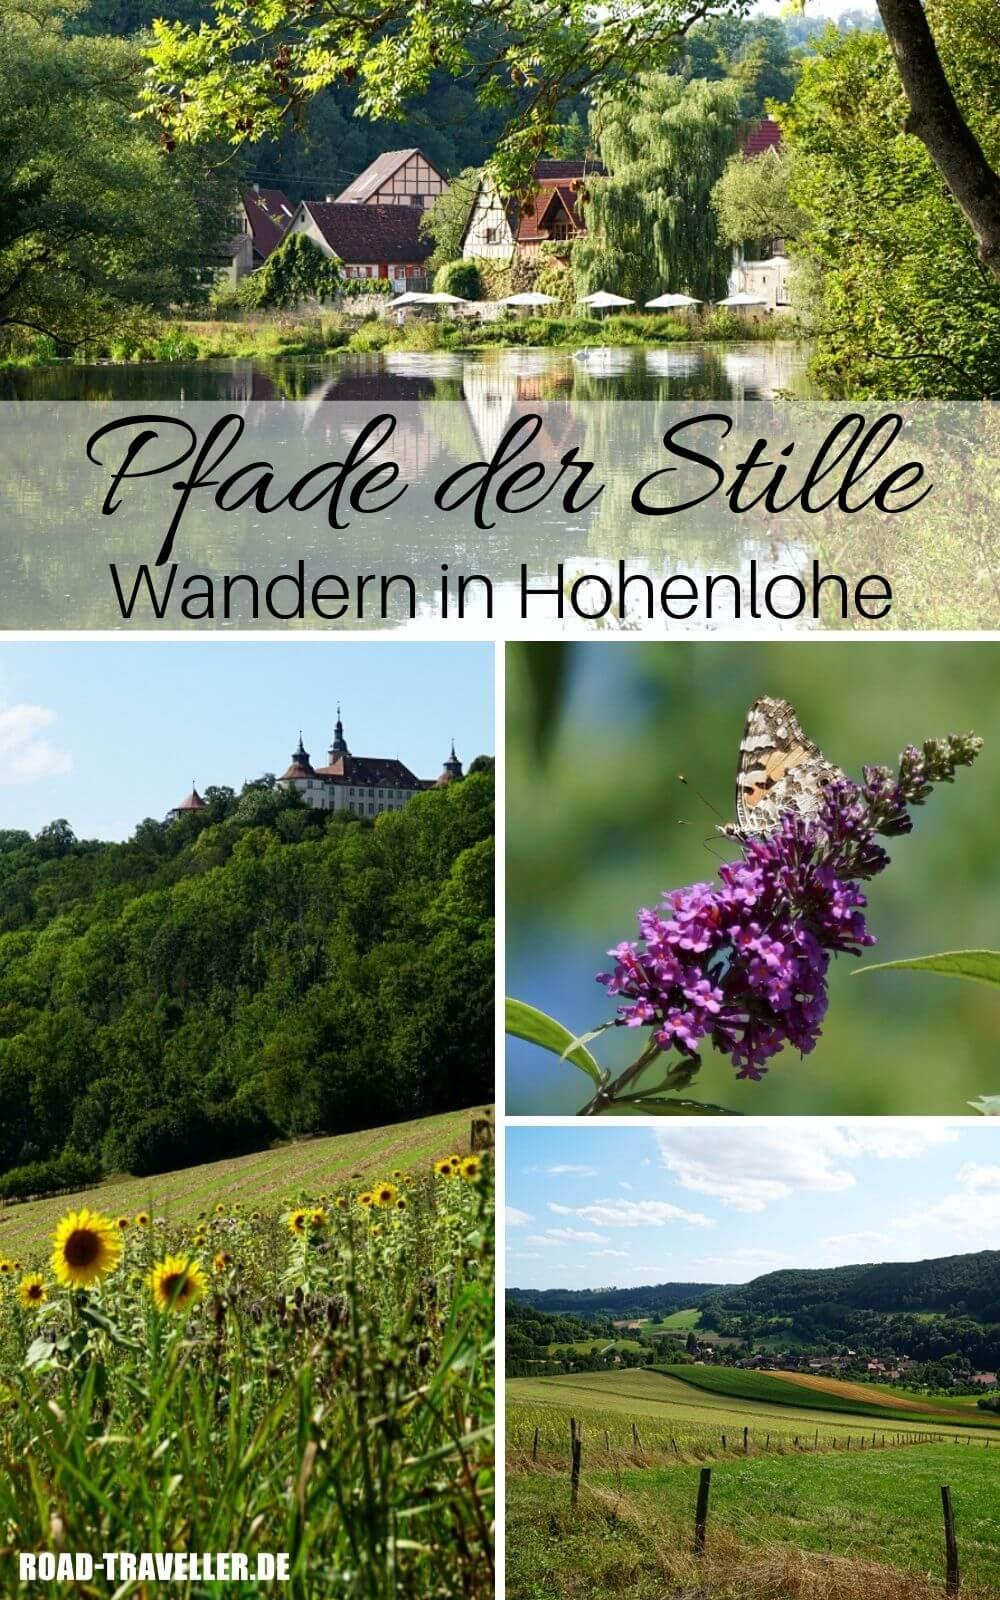 Wandern in Hohenlohe auf dem Pfad der Stille in Langenburg